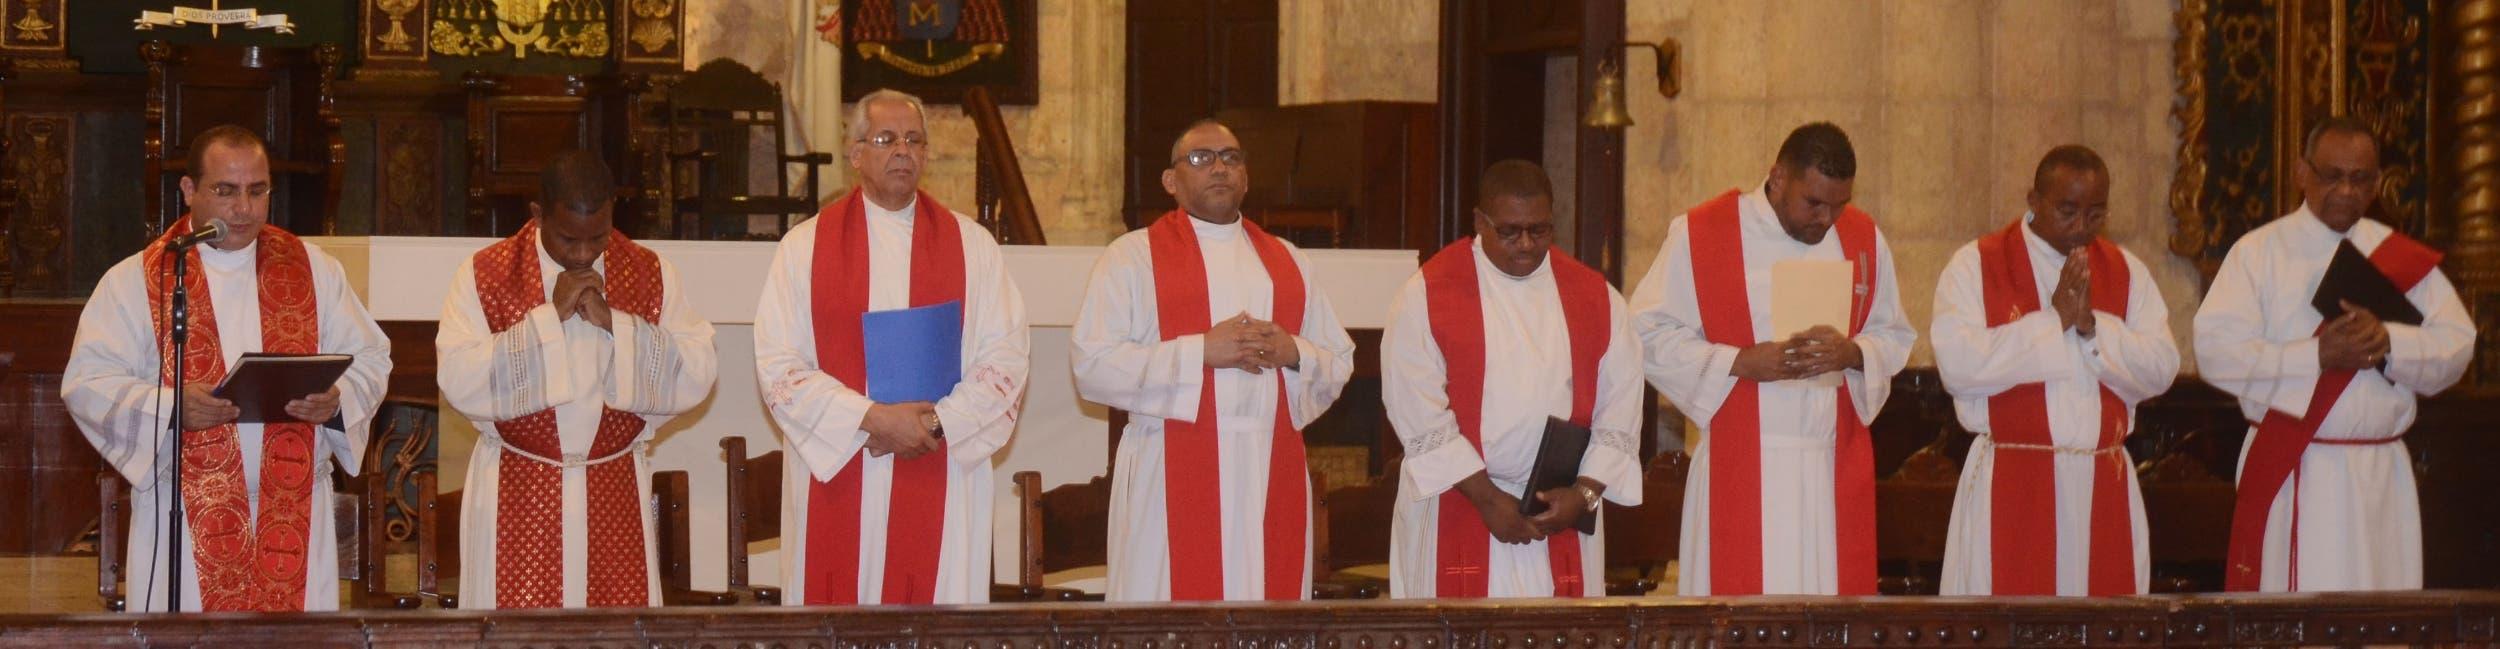 Kennedy Rodríguez (a la izquierda)  hizo de moderador en el Sermón de las Siete Palabras;  fue notoria la asistencia masiva de feligreses y líderes de la oposición.  Pedro Sosa